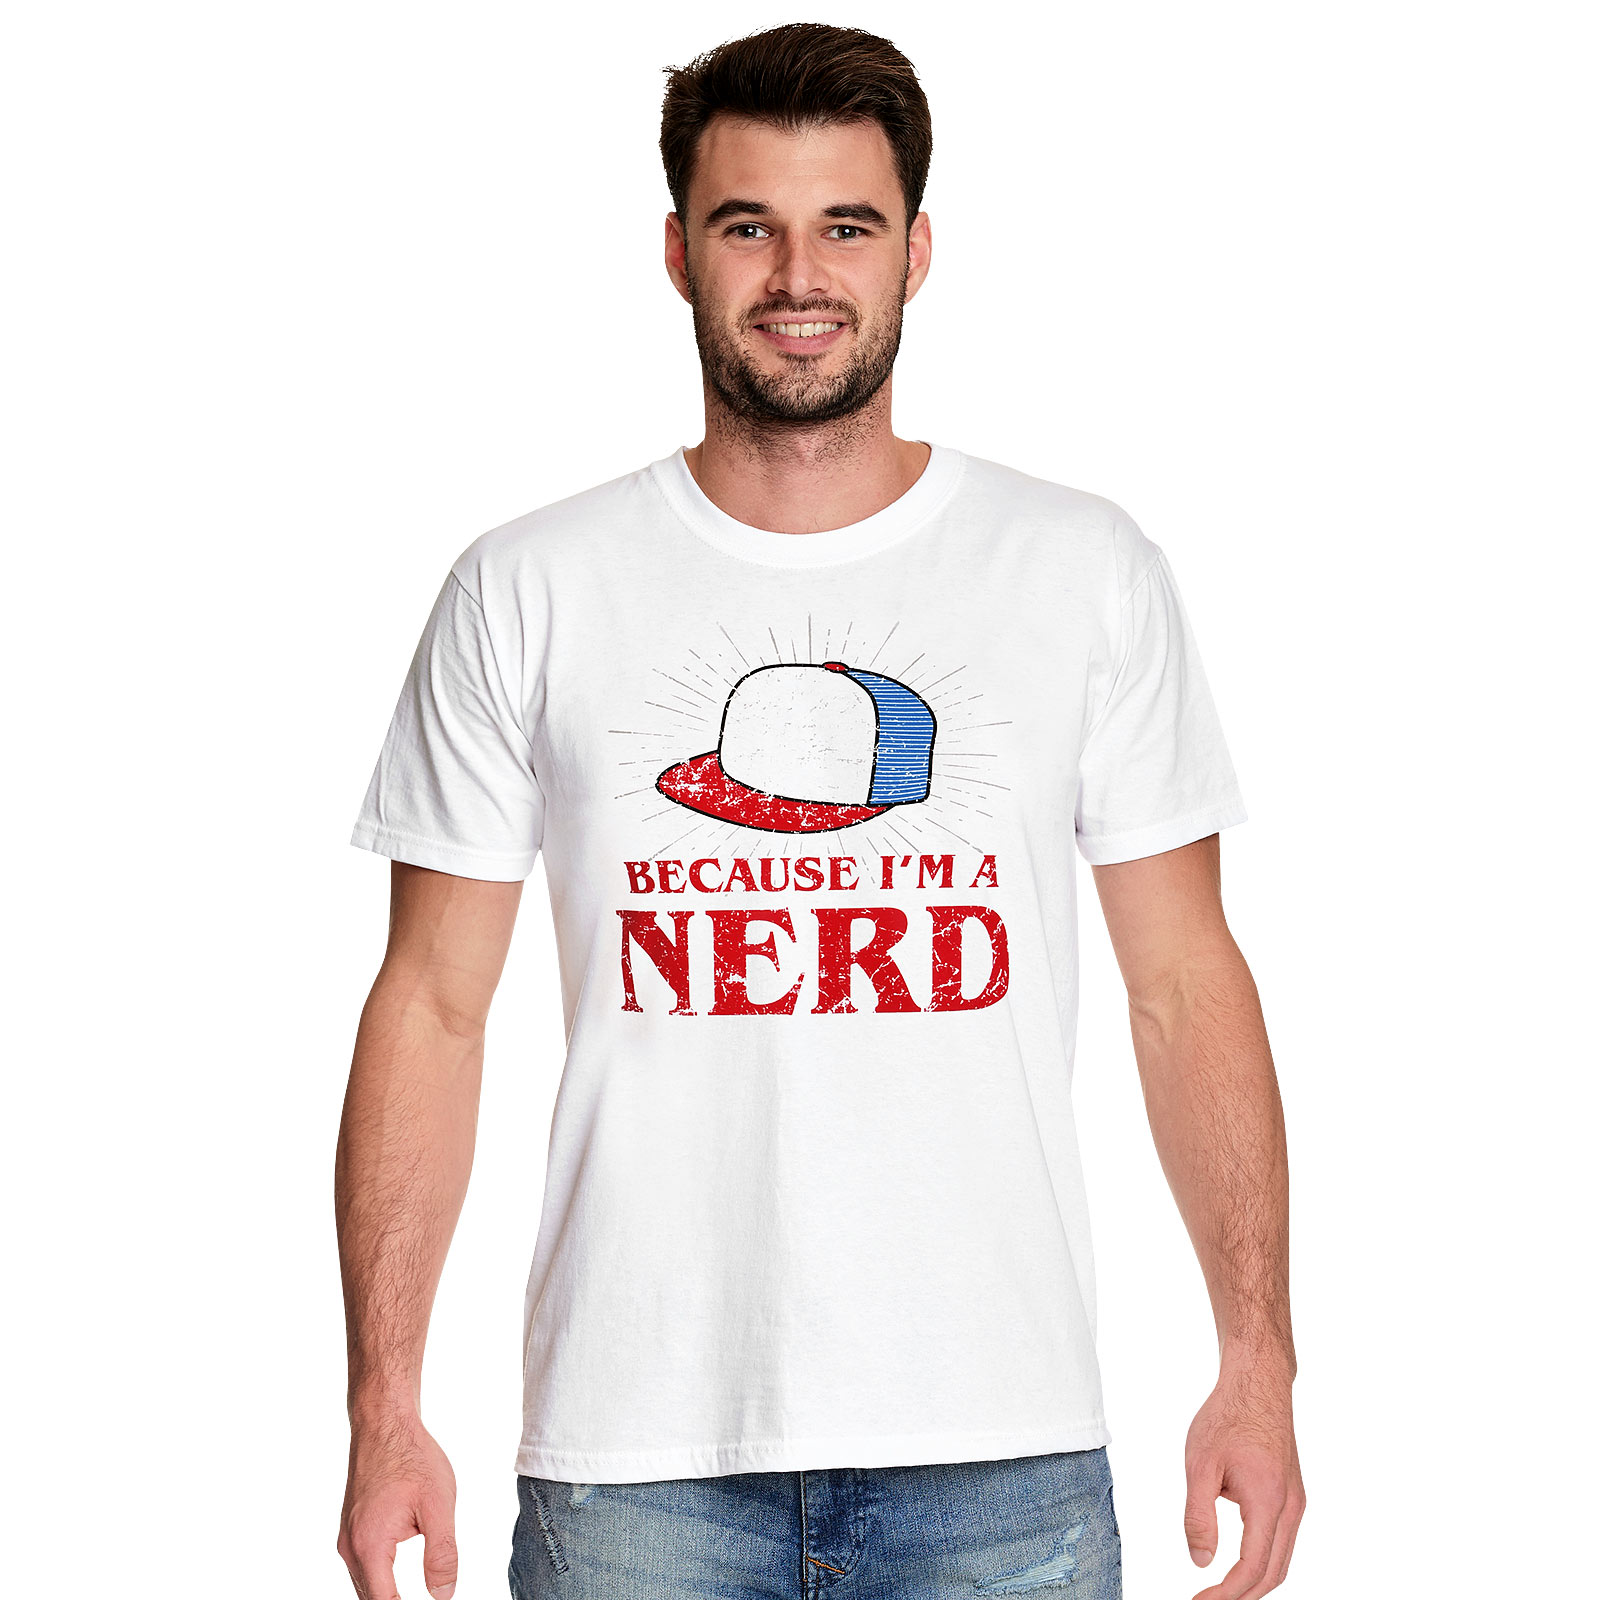 Dustin Nerd T-Shirt für Stranger Things Fans weiß